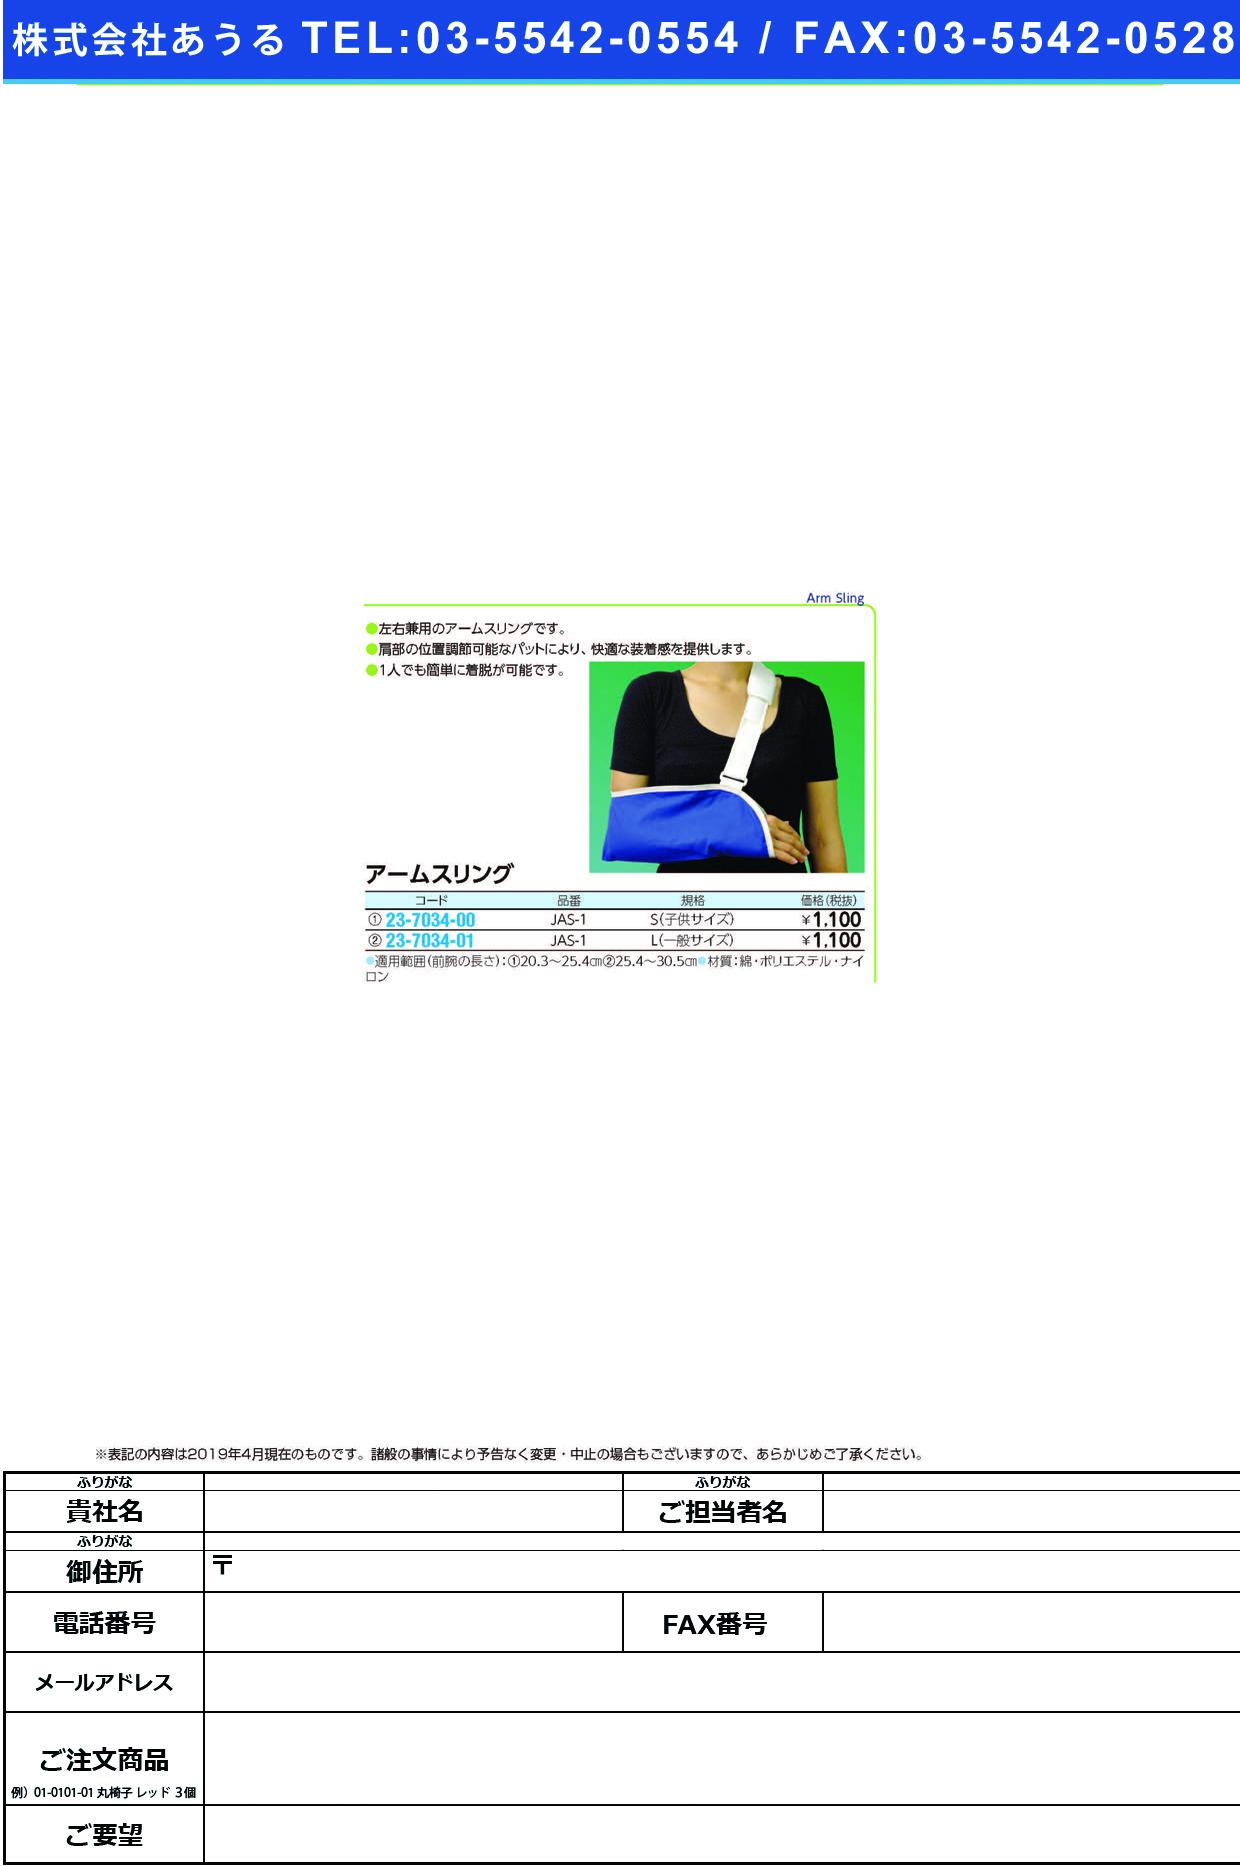 (23-7034-00)アームスリング(子供サイズ) JAS-1(S) アームスリング(コドモサイズ)(ファーストレイト)【1個単位】【2019年カタログ商品】